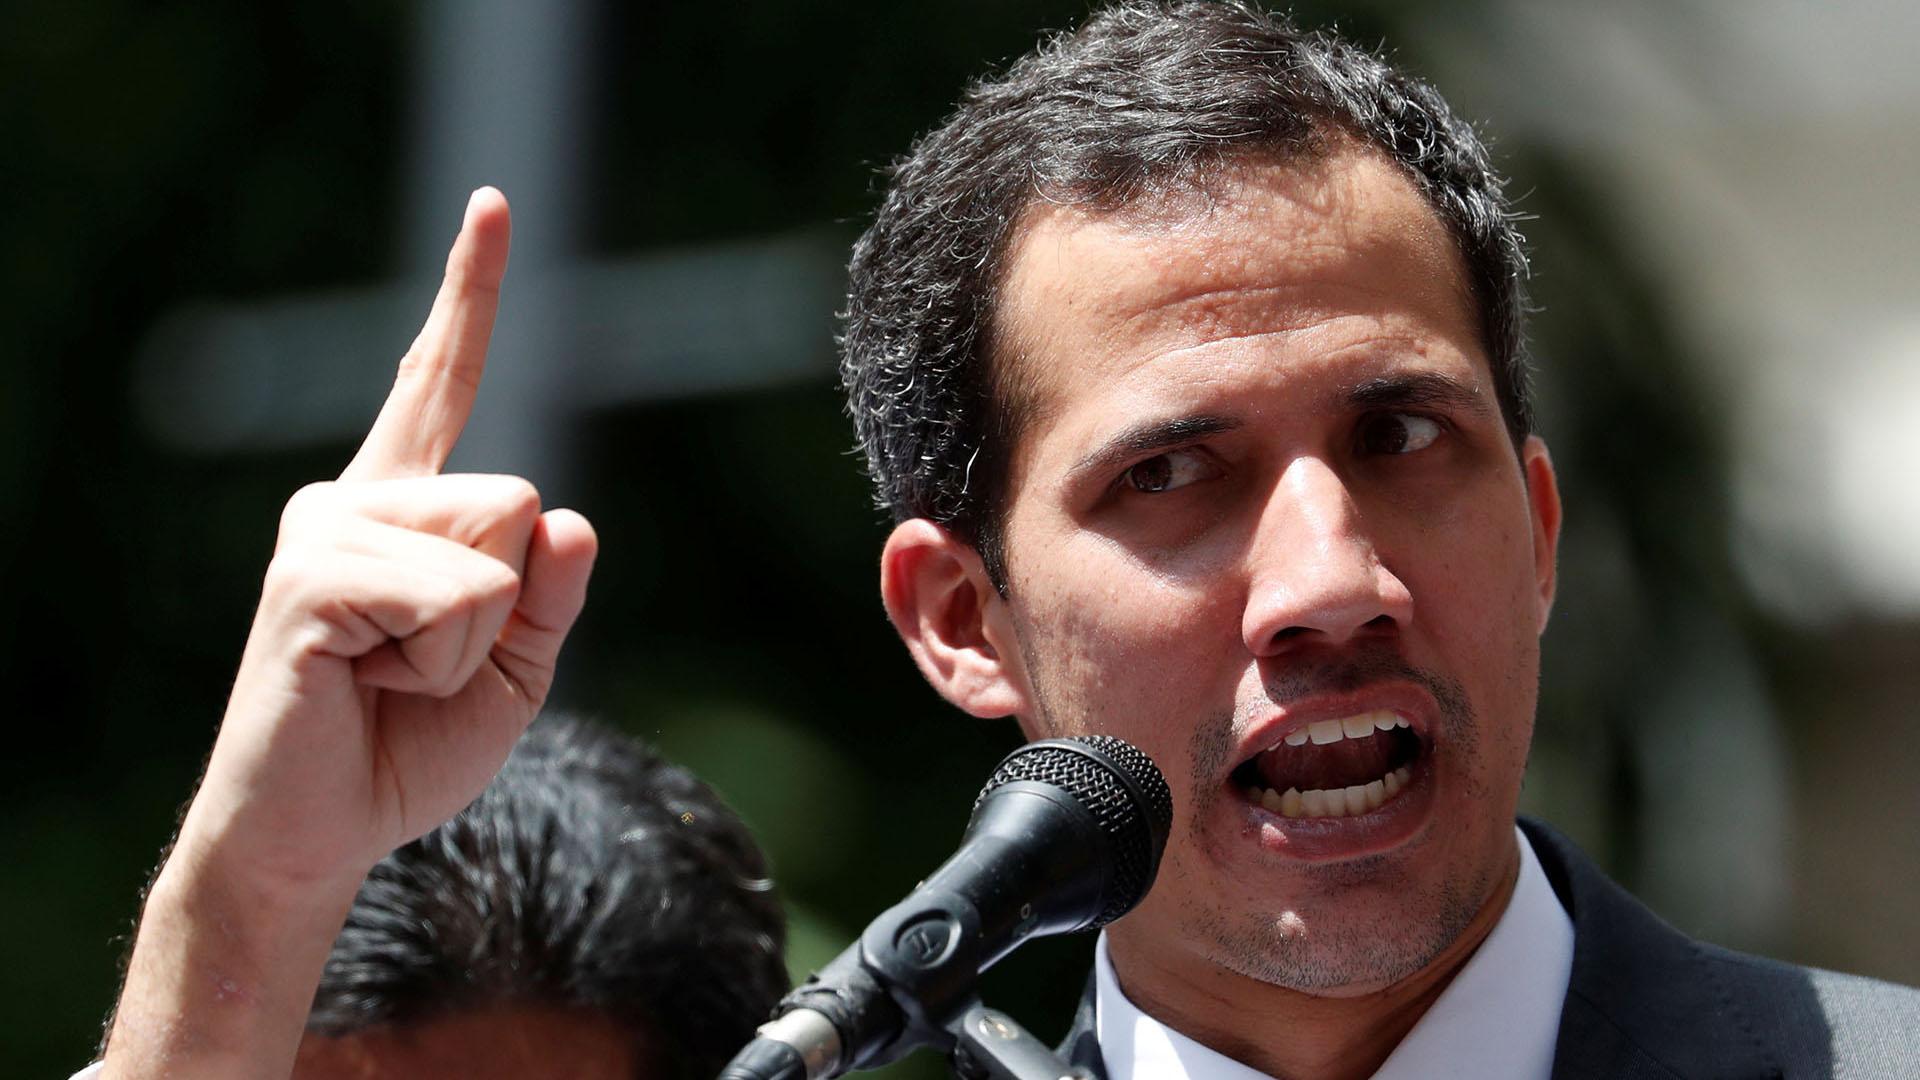 Juan Guadió aseguró que el régimen de Maduro está por caer. (Foto: Reuters)